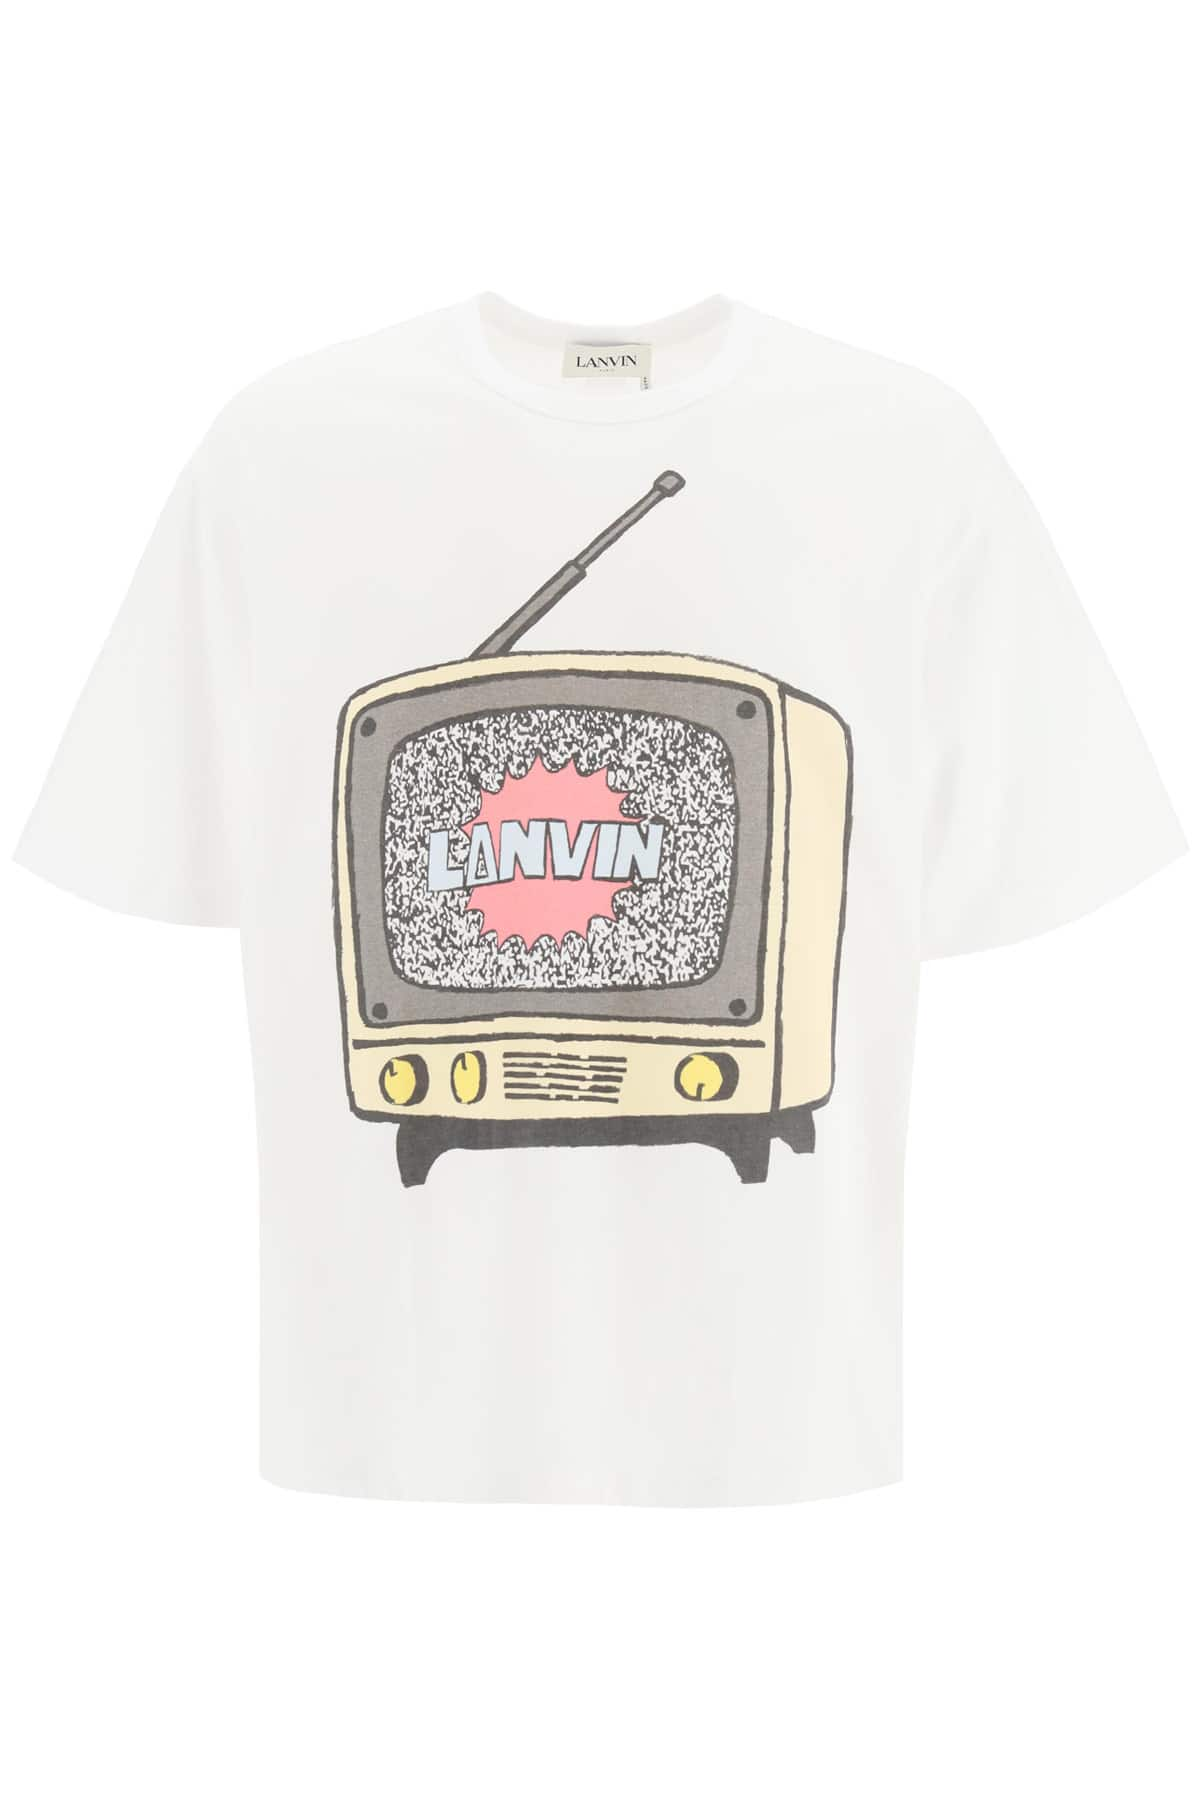 LANVIN LANVIN TV PRINT T-SHIRT XL White, Brown, Yellow Cotton